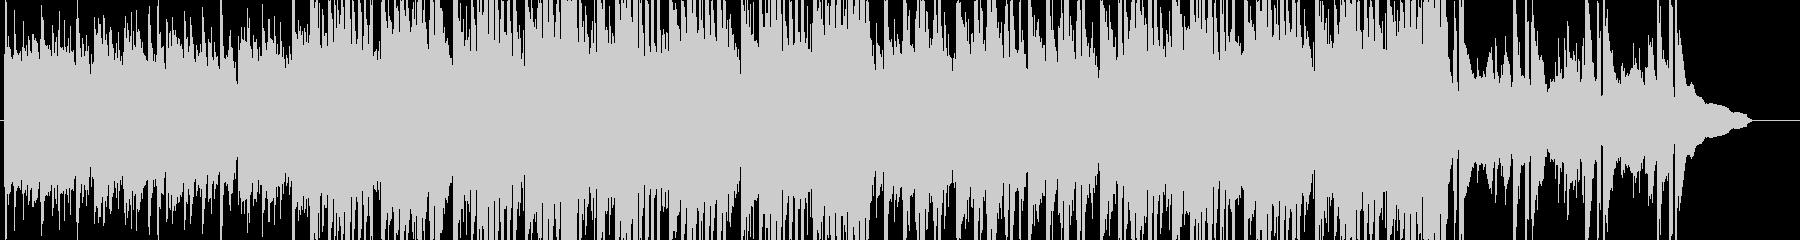 三拍子の軽快でわくわくする楽曲の未再生の波形